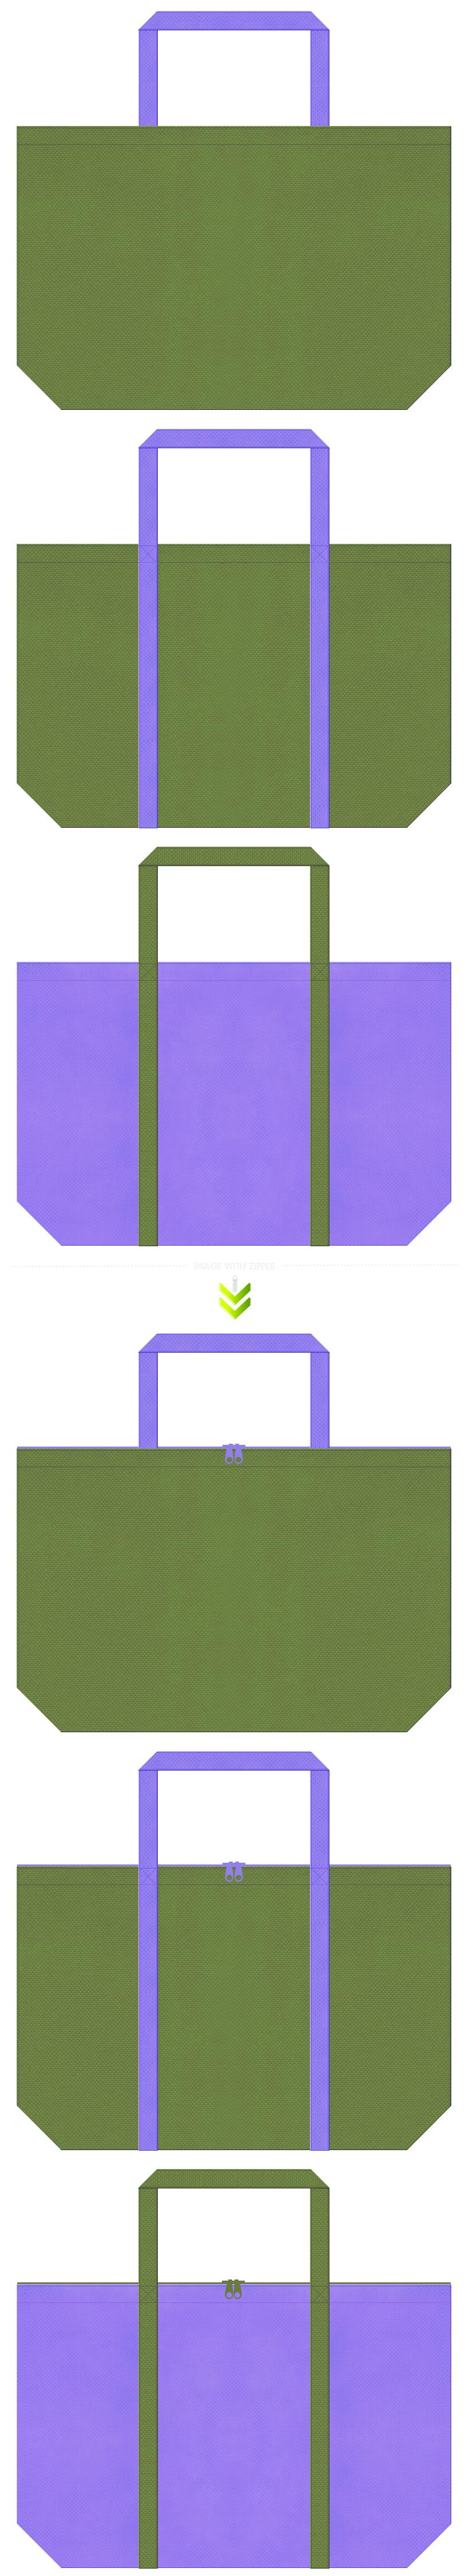 草色と薄紫色の不織布バッグデザイン。花菖蒲風の配色で、生け花教室のエコバッグにお奨めです。